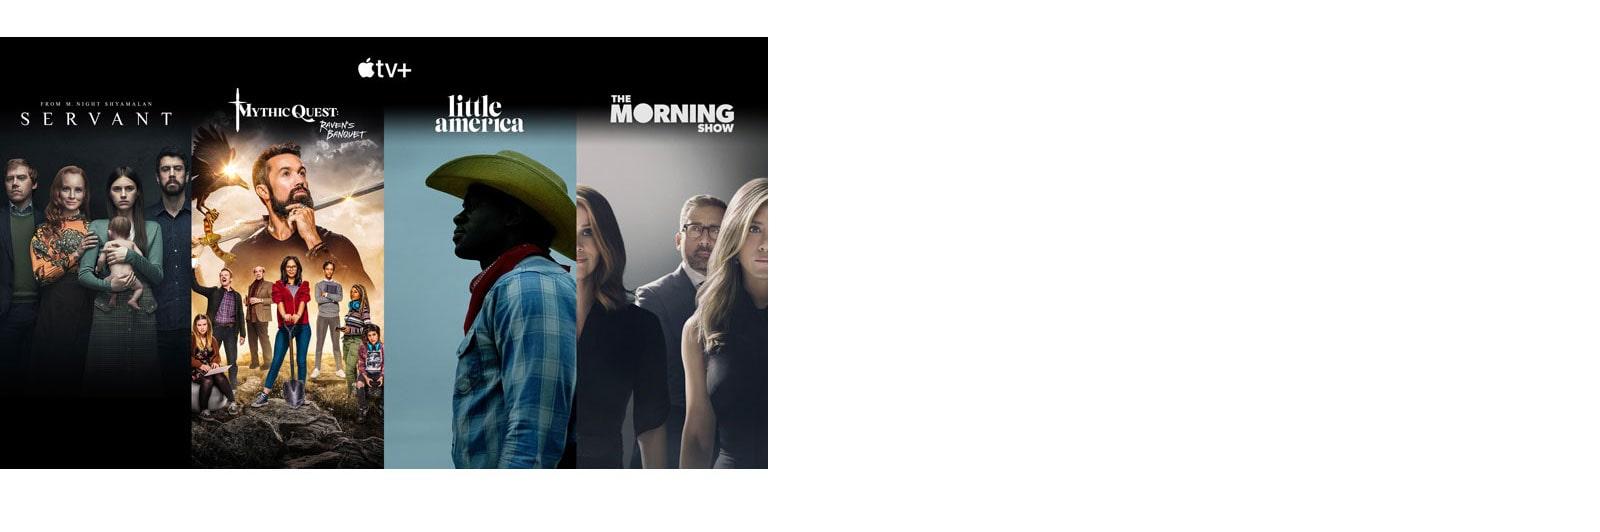 Apple TV+ legjobb 4 műsorának miniatűrjei